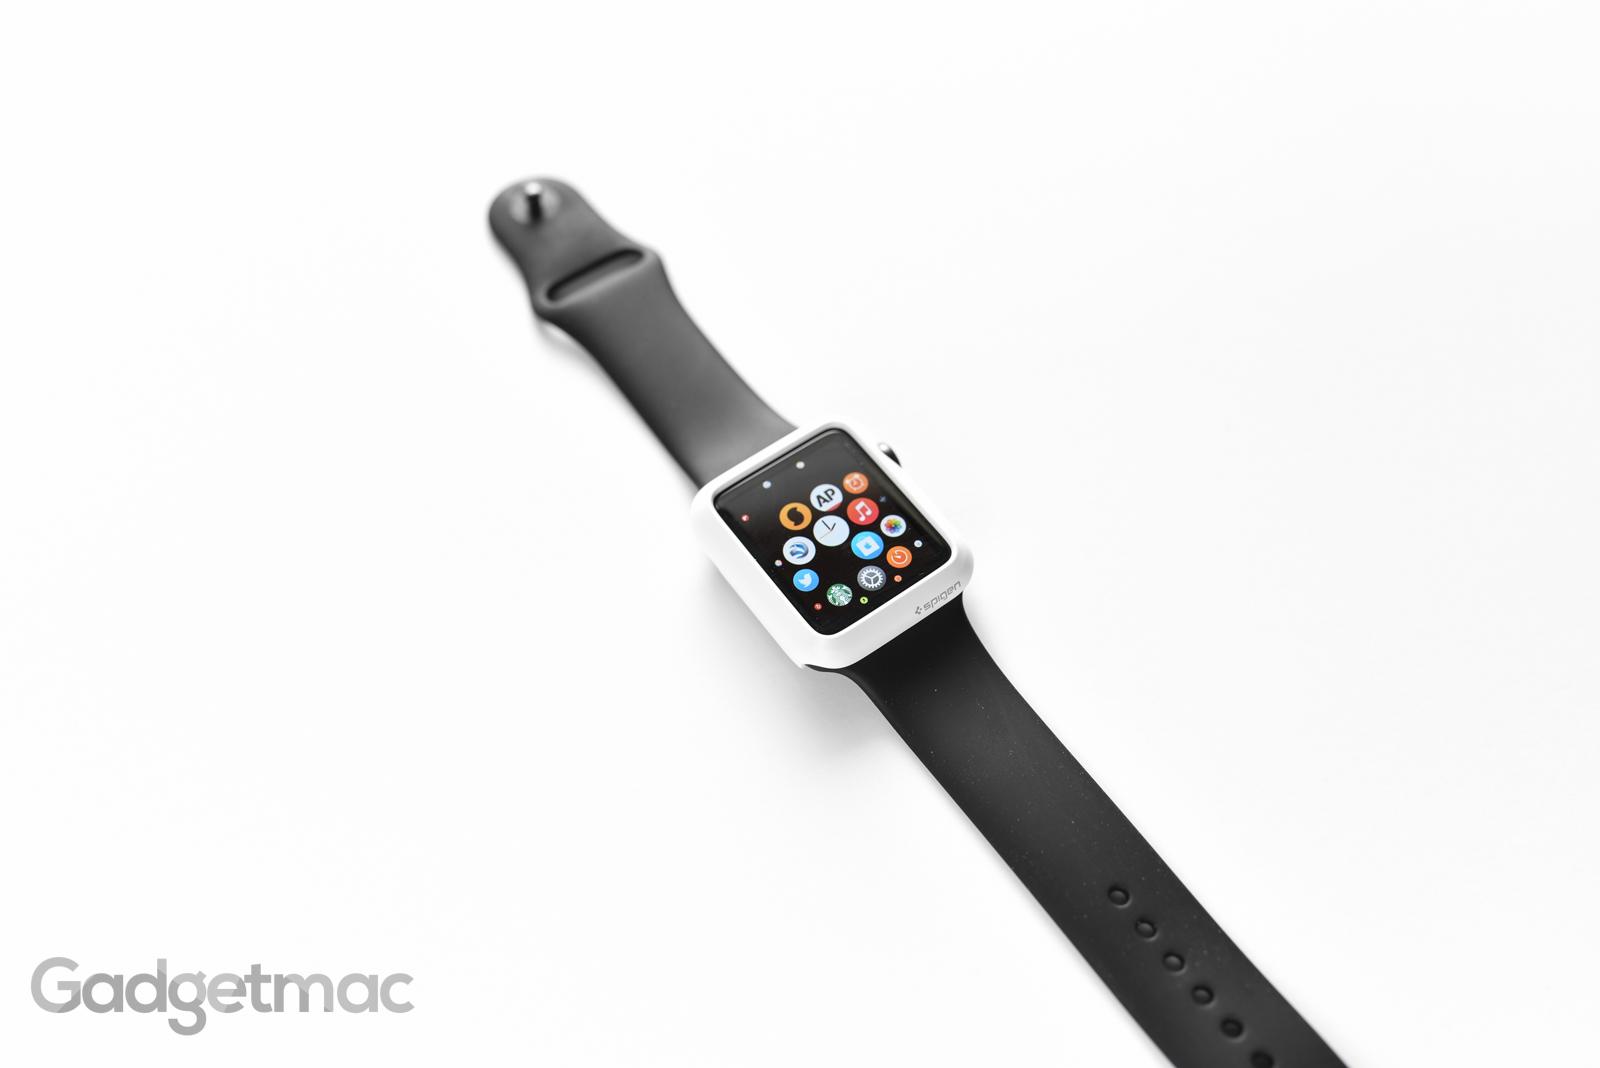 spigen-thin-fit-case-for-apple-watch-white.jpg